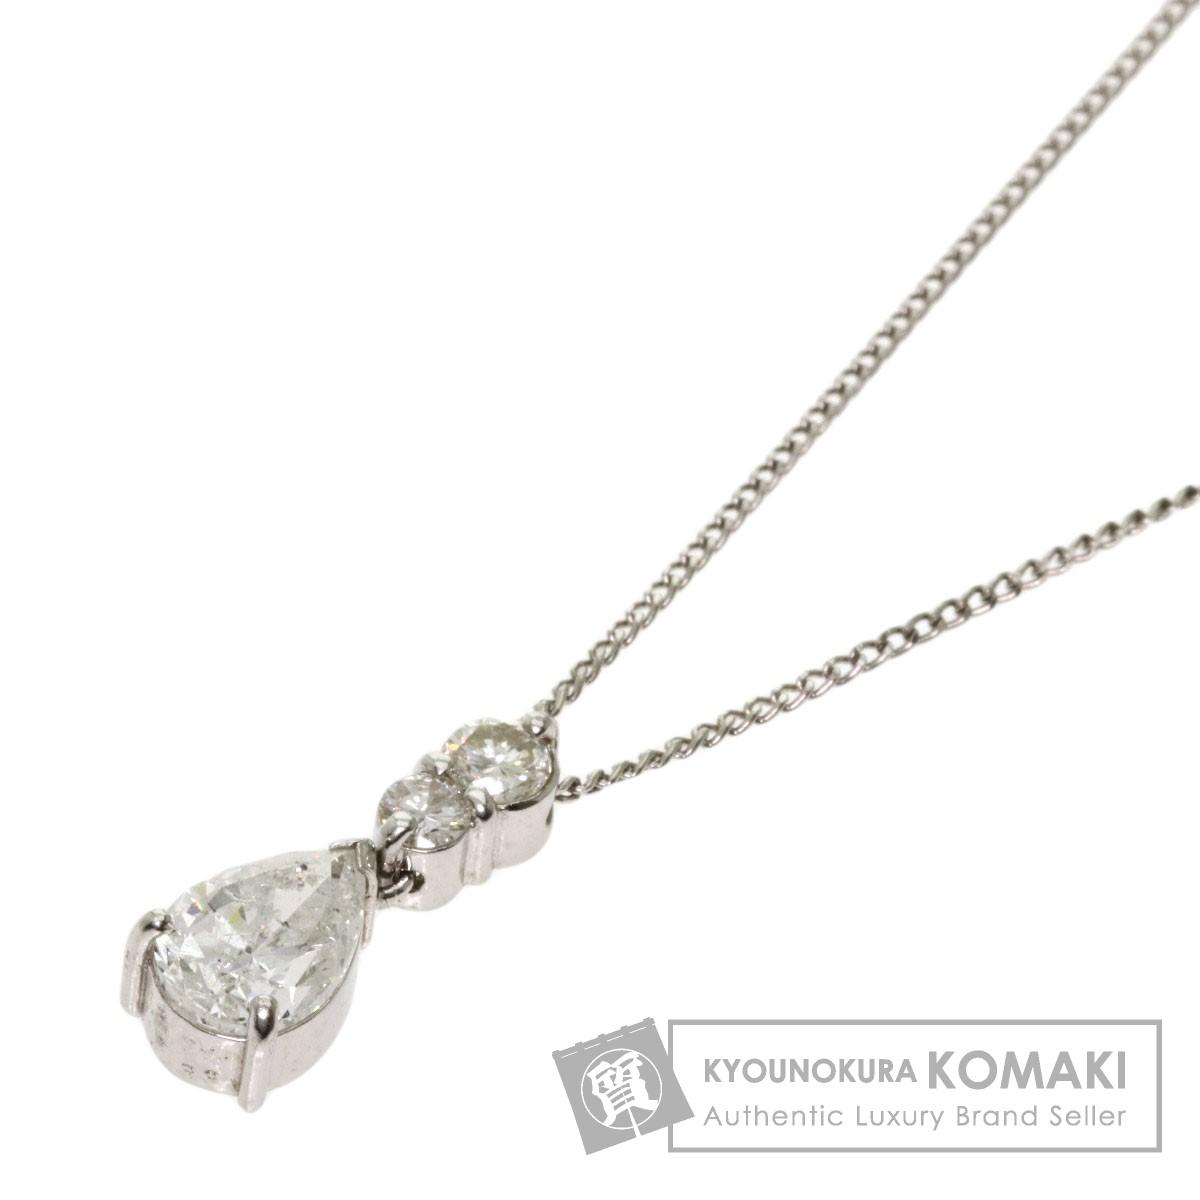 ダイヤモンド ネックレス プラチナPT1000 レディース 【中古】